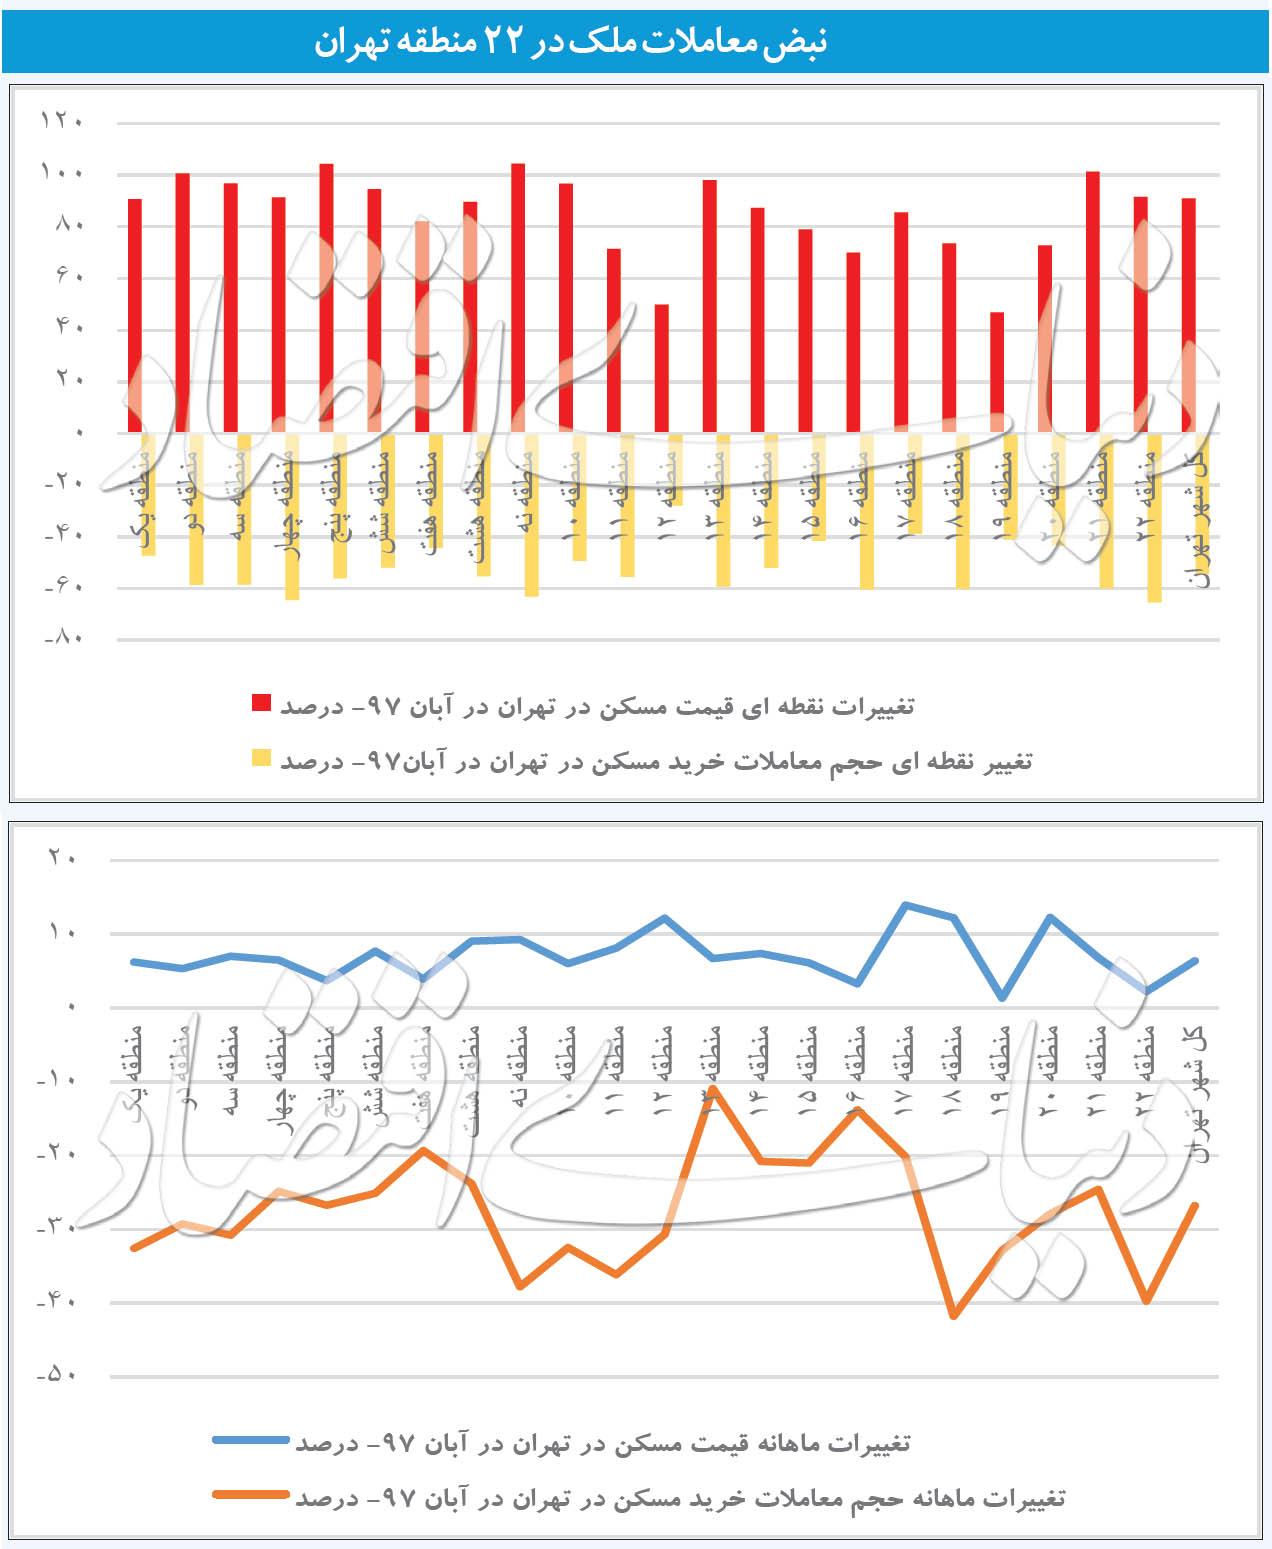 دو علامت امیدوارکننده در بازار خرید مسکن تهران